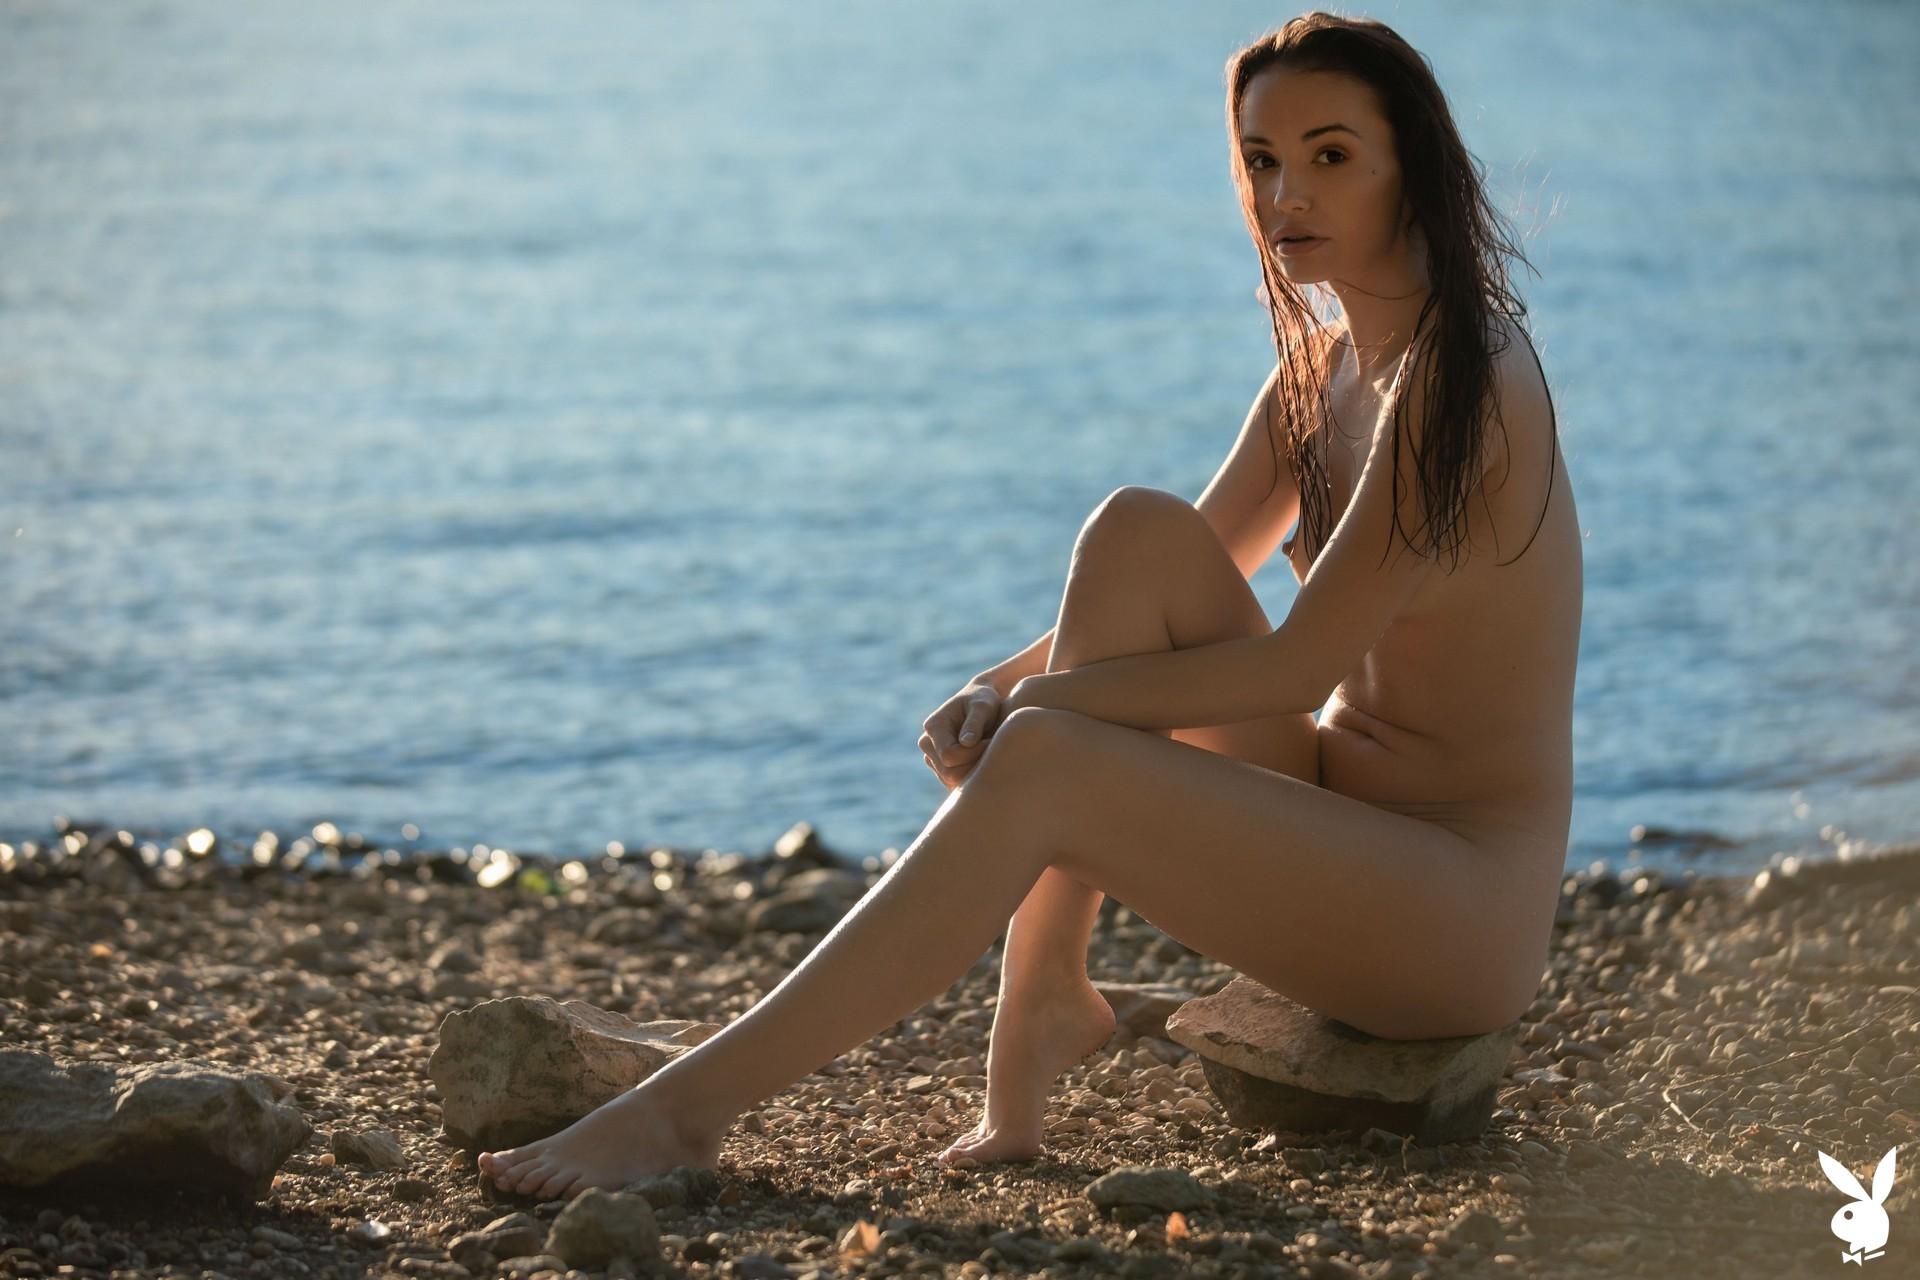 Elilith Noir In Sundown Escape Playboy Plus (18)